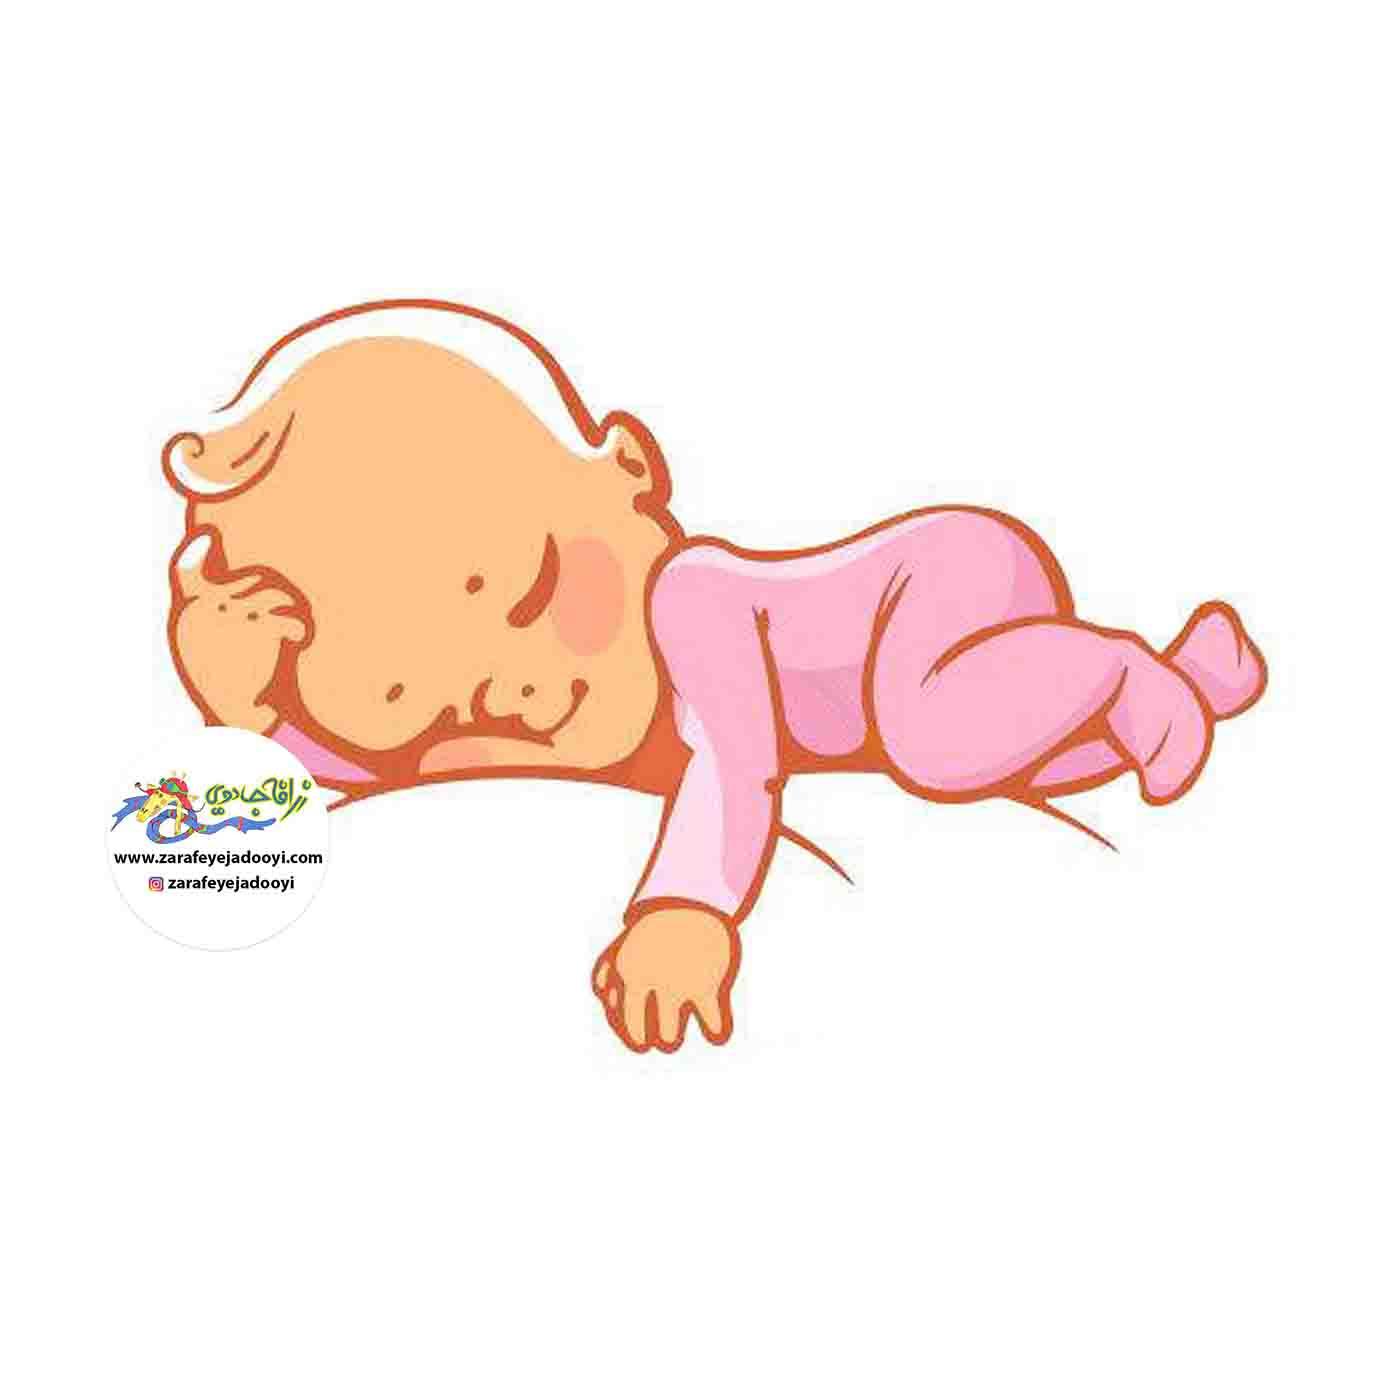 زرافه جادویی - خوابیدن نوزاد